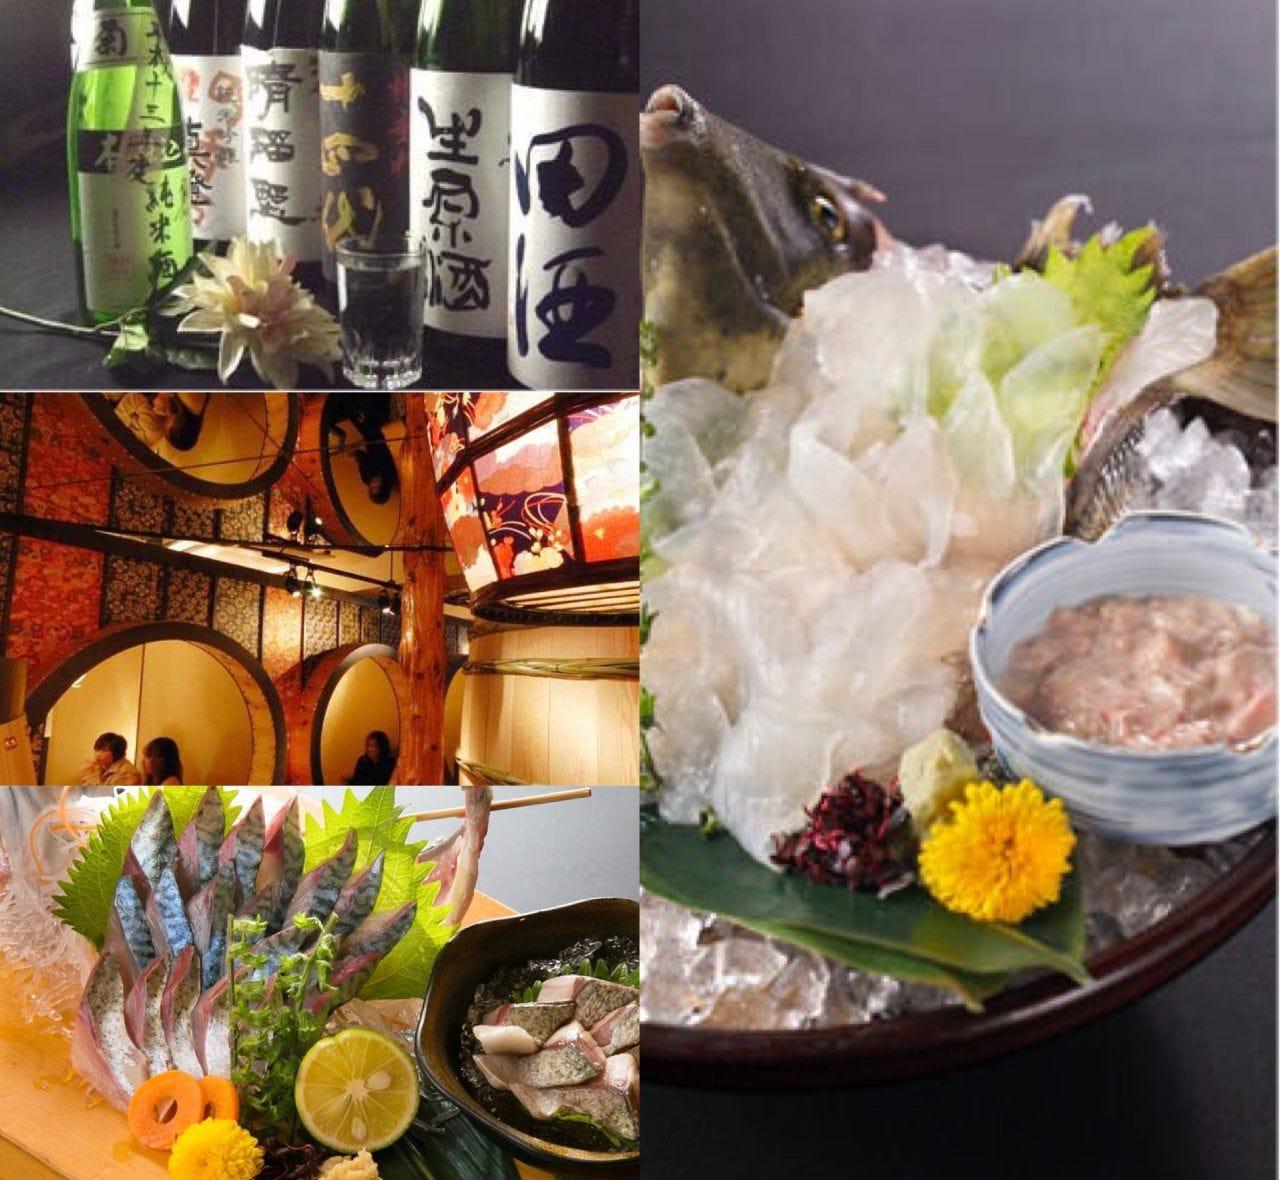 銘柄 日本酒が週代わりで入荷しています